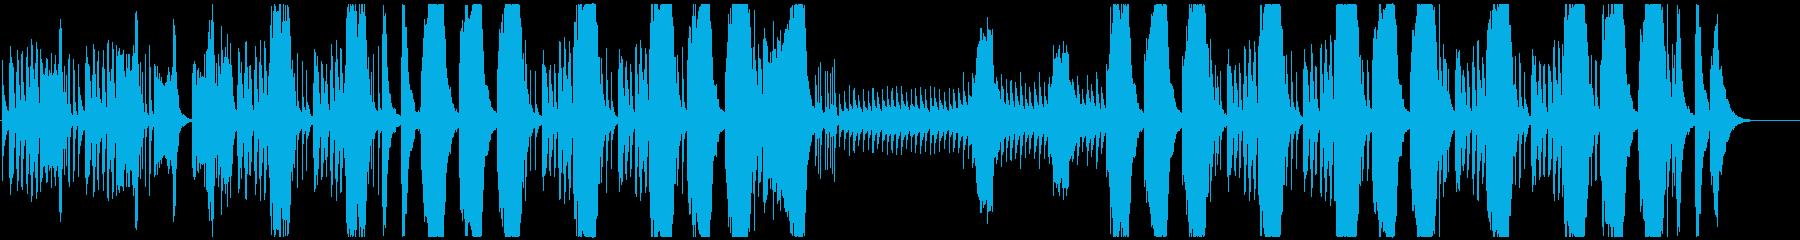 コミカルでちょっとホラーなBGMの再生済みの波形